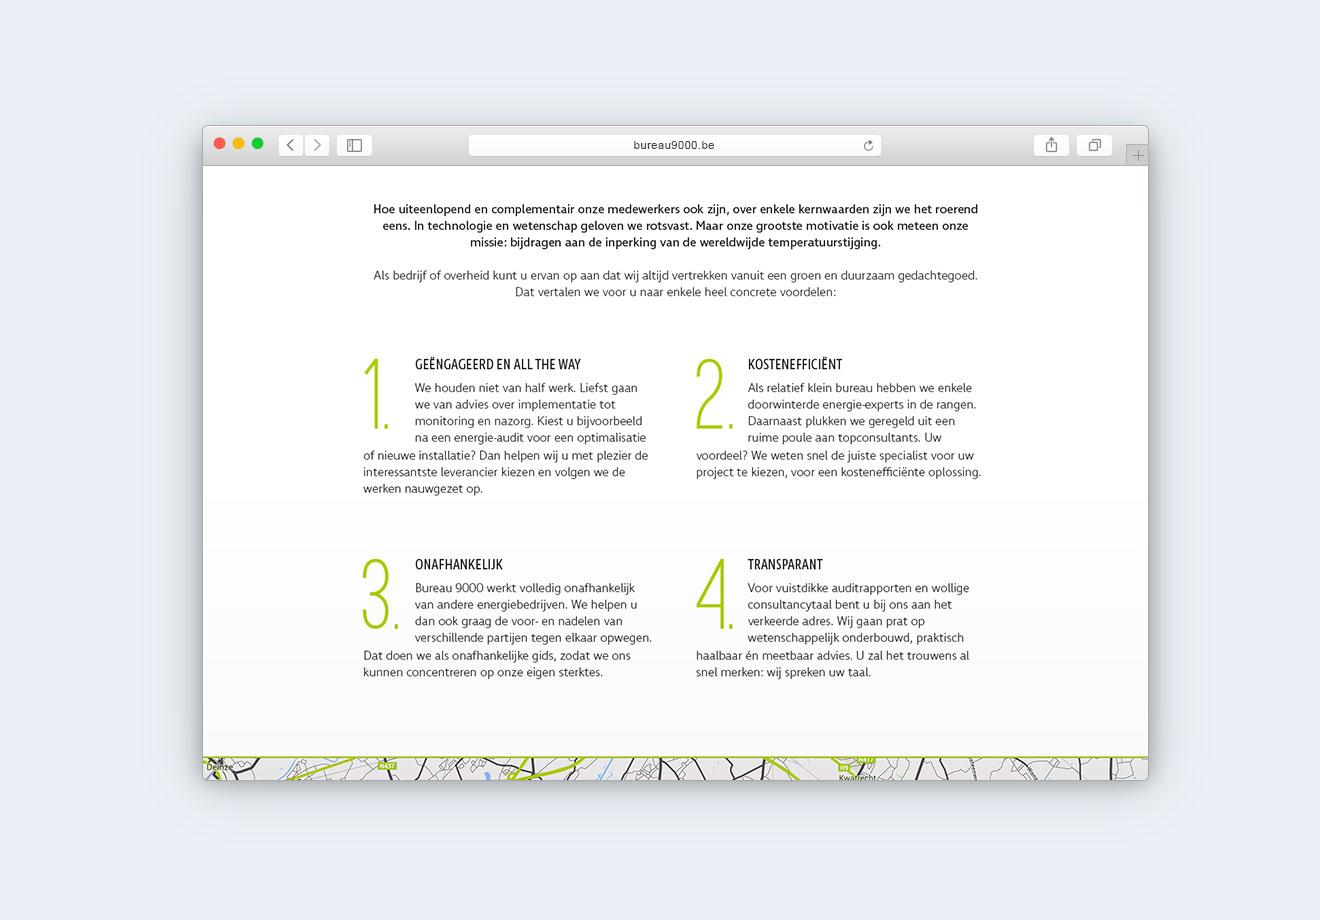 project-bureau9000-image_2